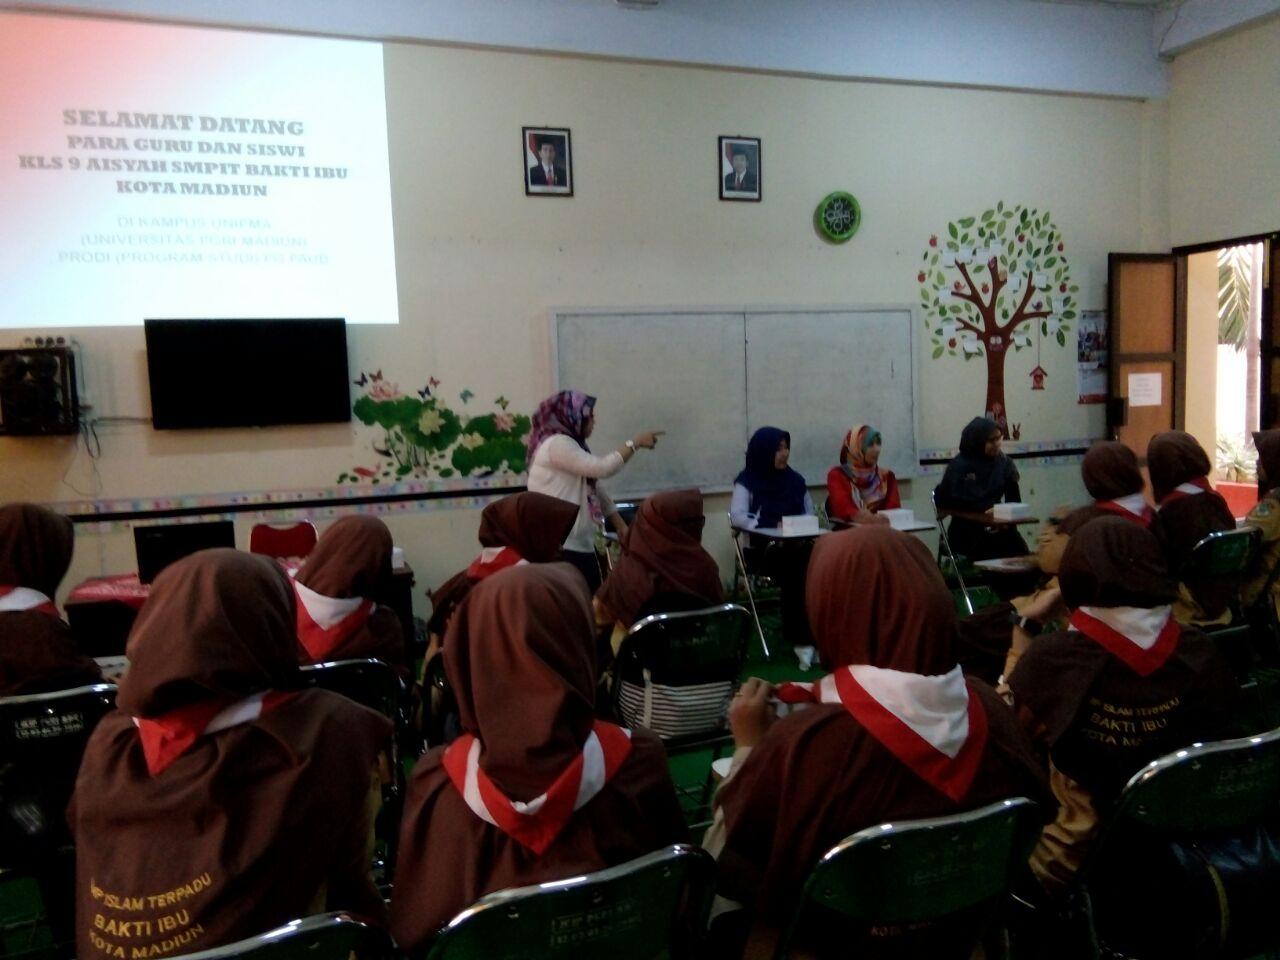 Sambutan Ketua Program Studi Pendidikan Guru Pendidikan Anak Usia Dini Universitas PGRI Madiun dalam acara Kunjungan Guru dan Siswa SMPIT Bakti Ibu Kota Madiun